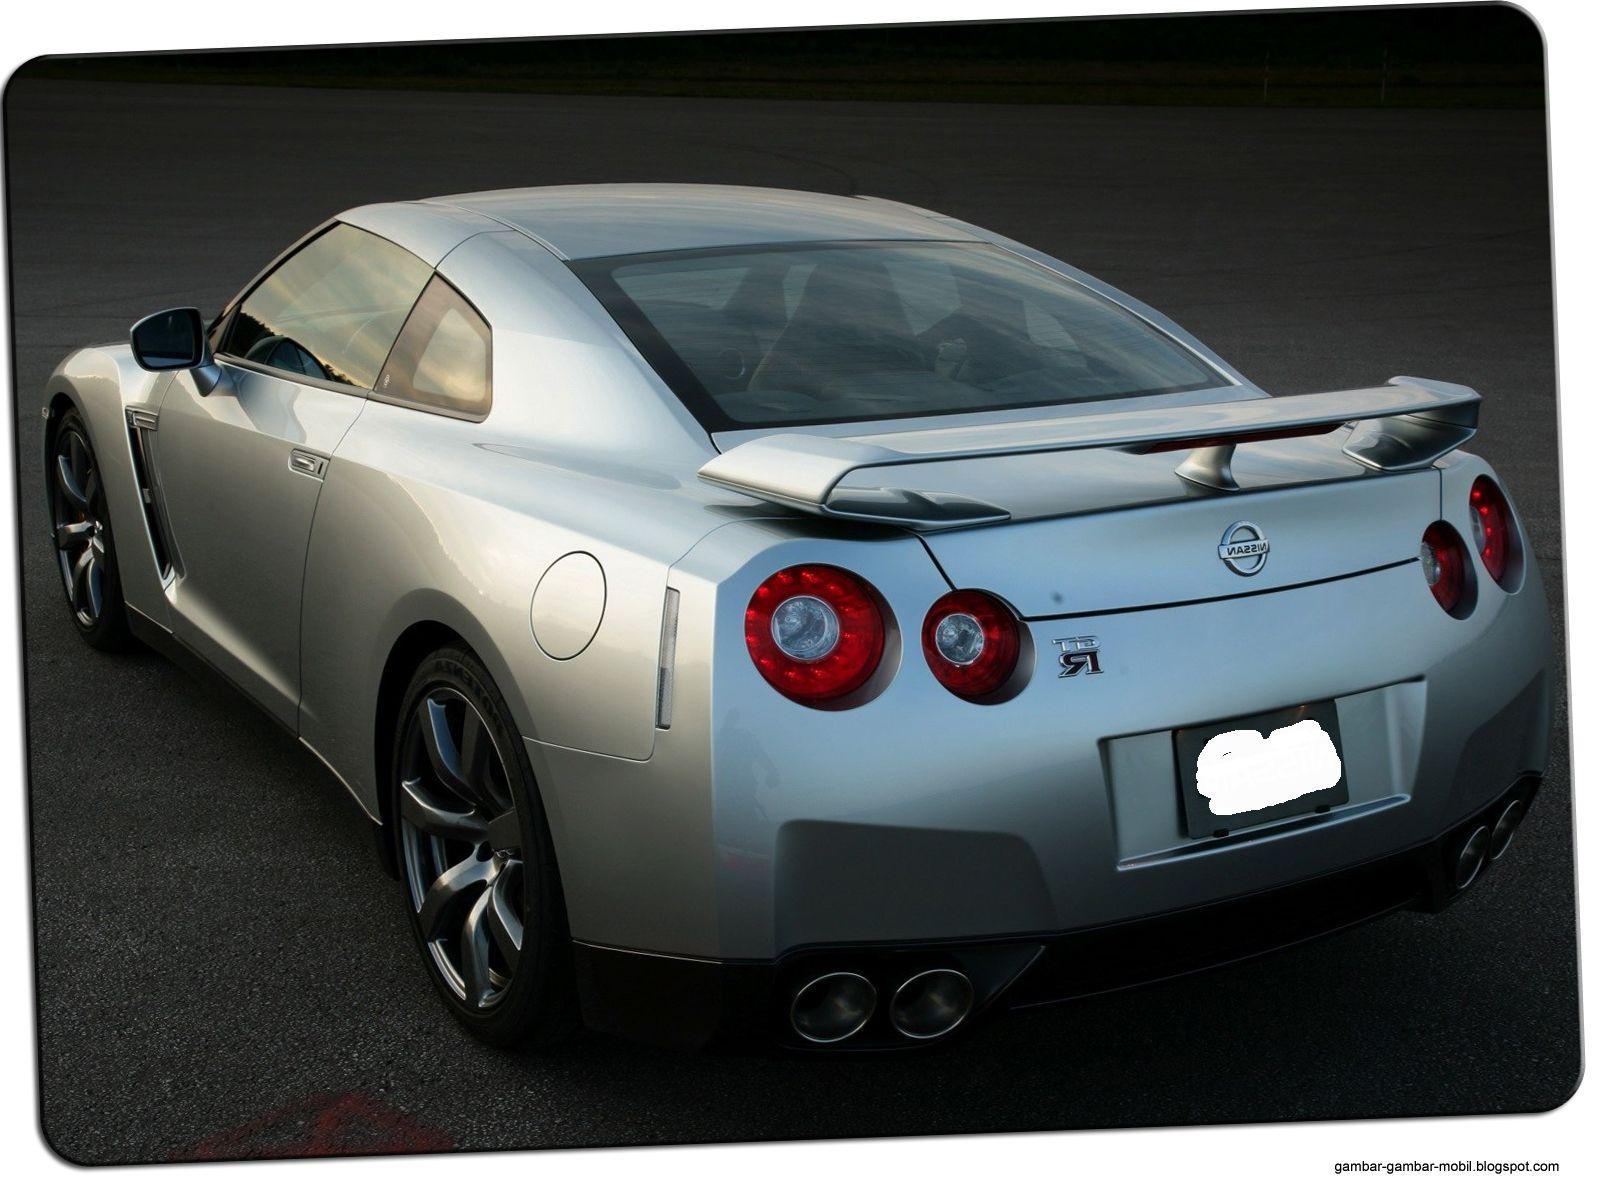 Gambar Mobil Termahal